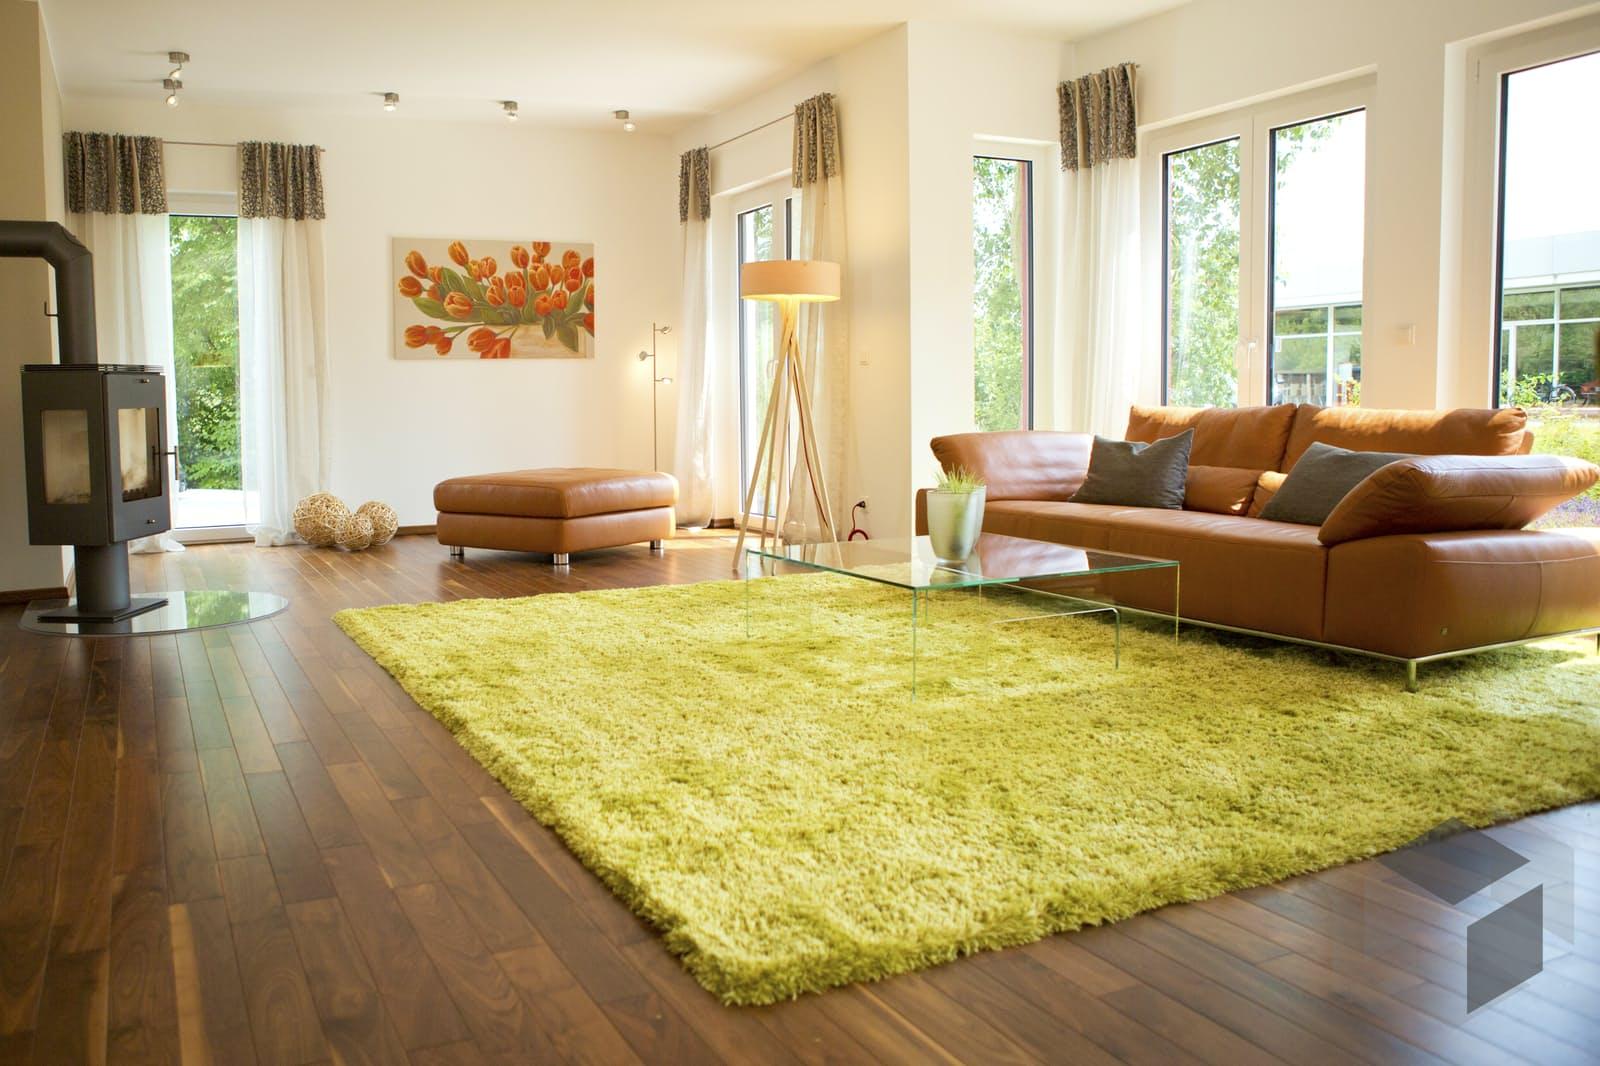 generation 7 inactive von allkauf haus komplette. Black Bedroom Furniture Sets. Home Design Ideas